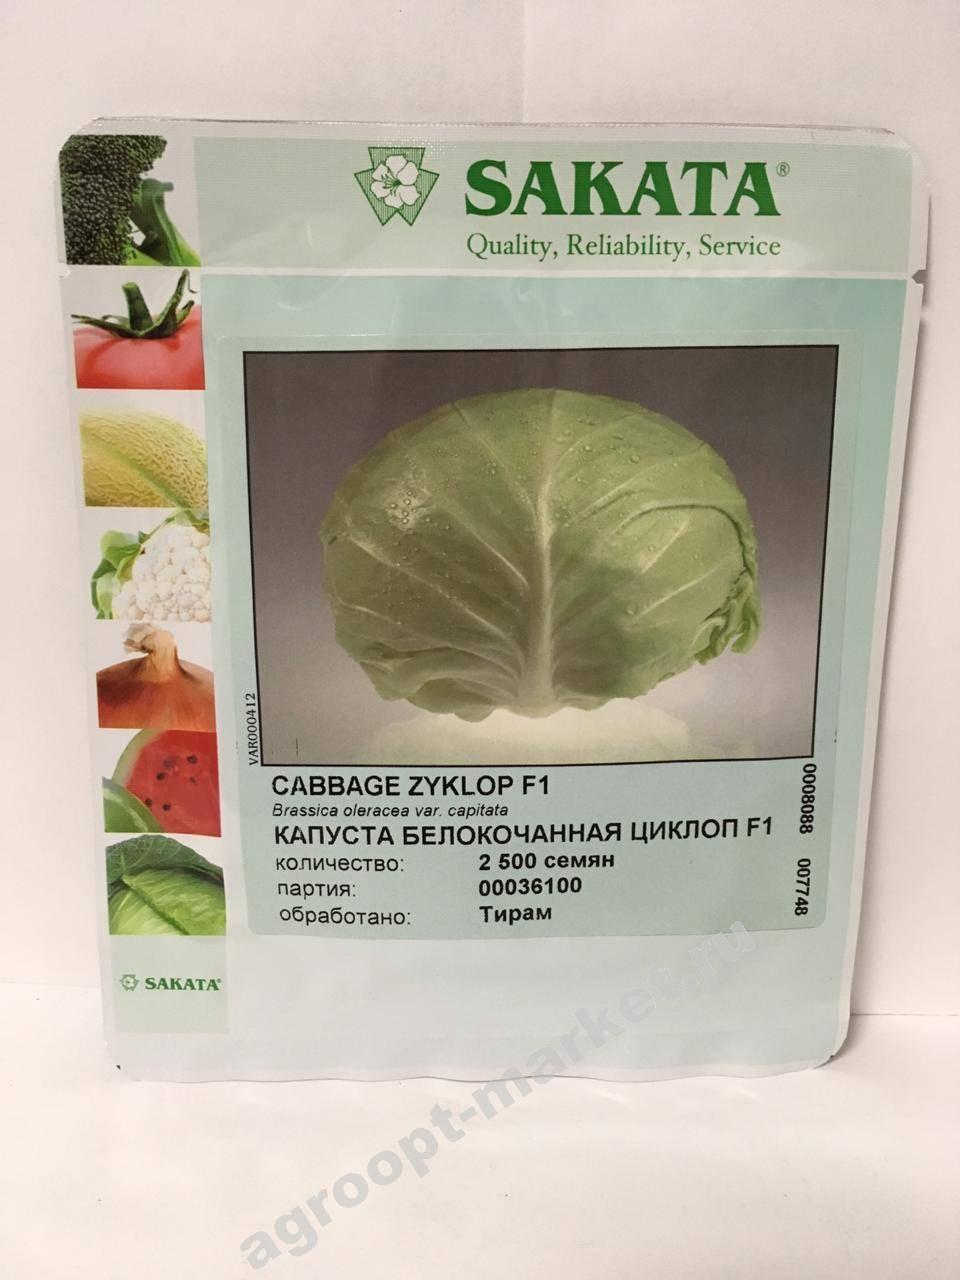 Семена капуста б/к f1 циклоп для квашения: описание сорта, фото